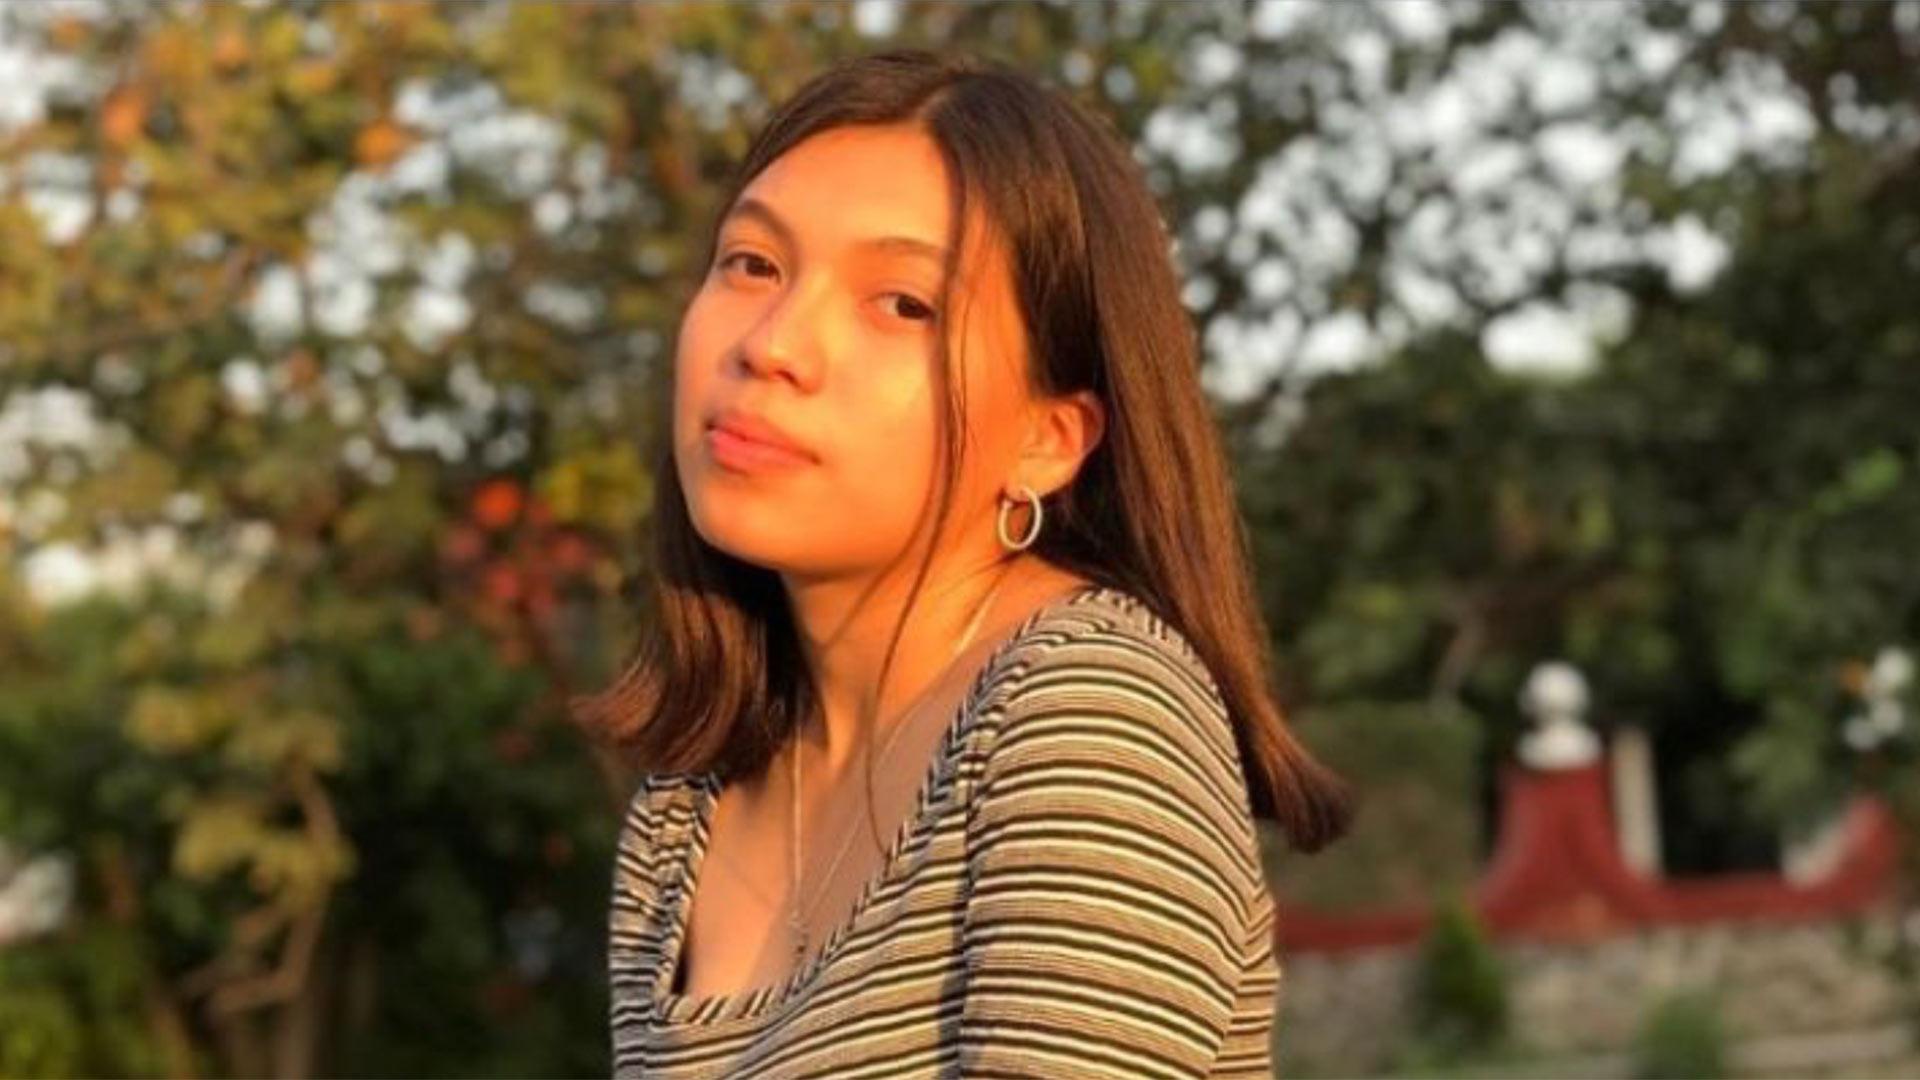 Yadhira Romero Martinez